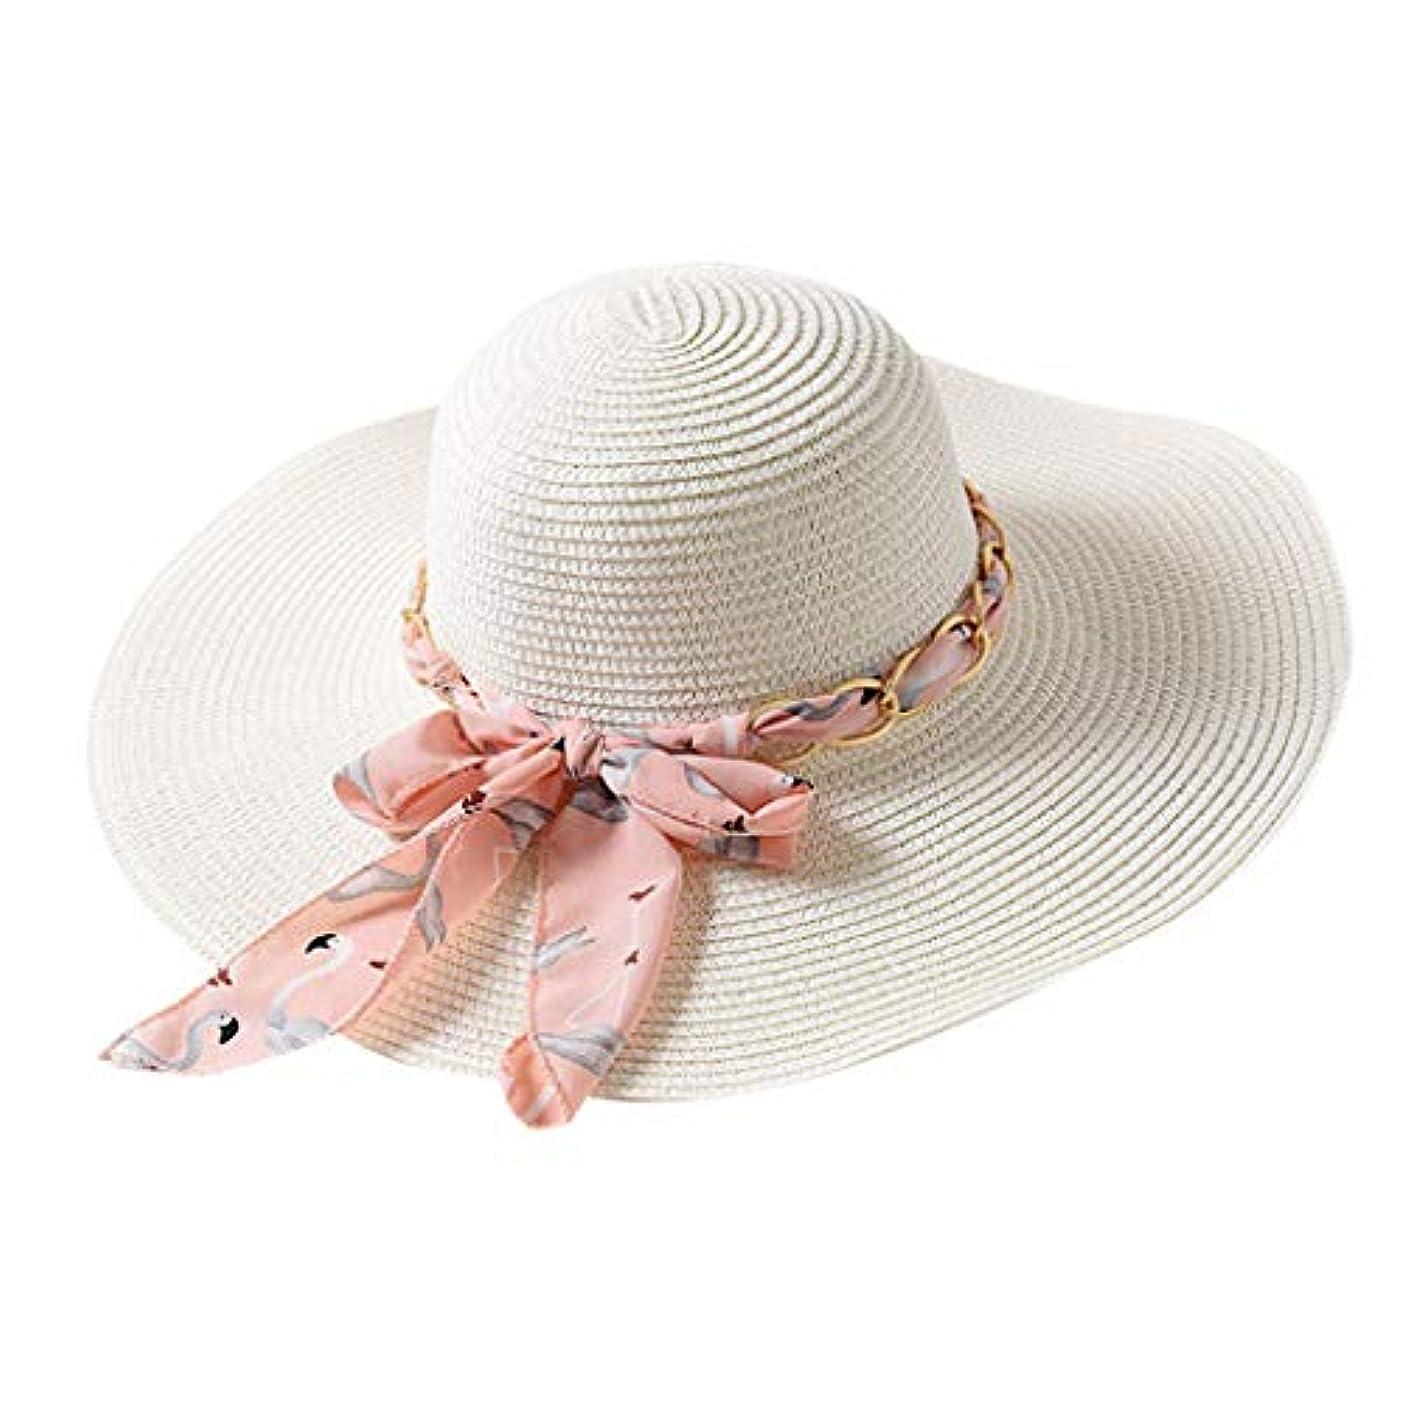 代理店海洋の重量ファッション小物 夏 帽子 レディース UVカット 帽子 ハット レディース 紫外線対策 日焼け防止 取り外すあご紐 つば広 おしゃれ 可愛い 夏季 折りたたみ サイズ調節可 旅行 女優帽 小顔効果抜群 ROSE ROMAN